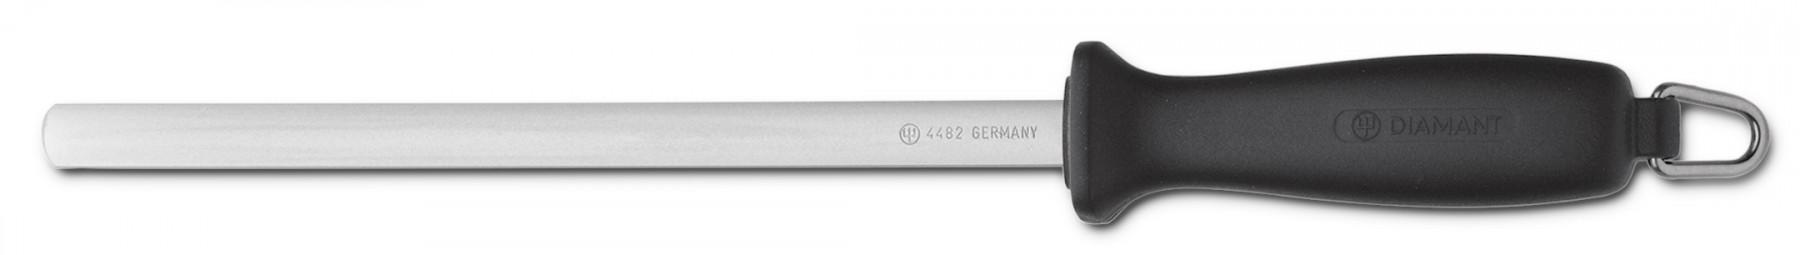 Wüsthof Dreizack Diamant-Schärfstab 23cm